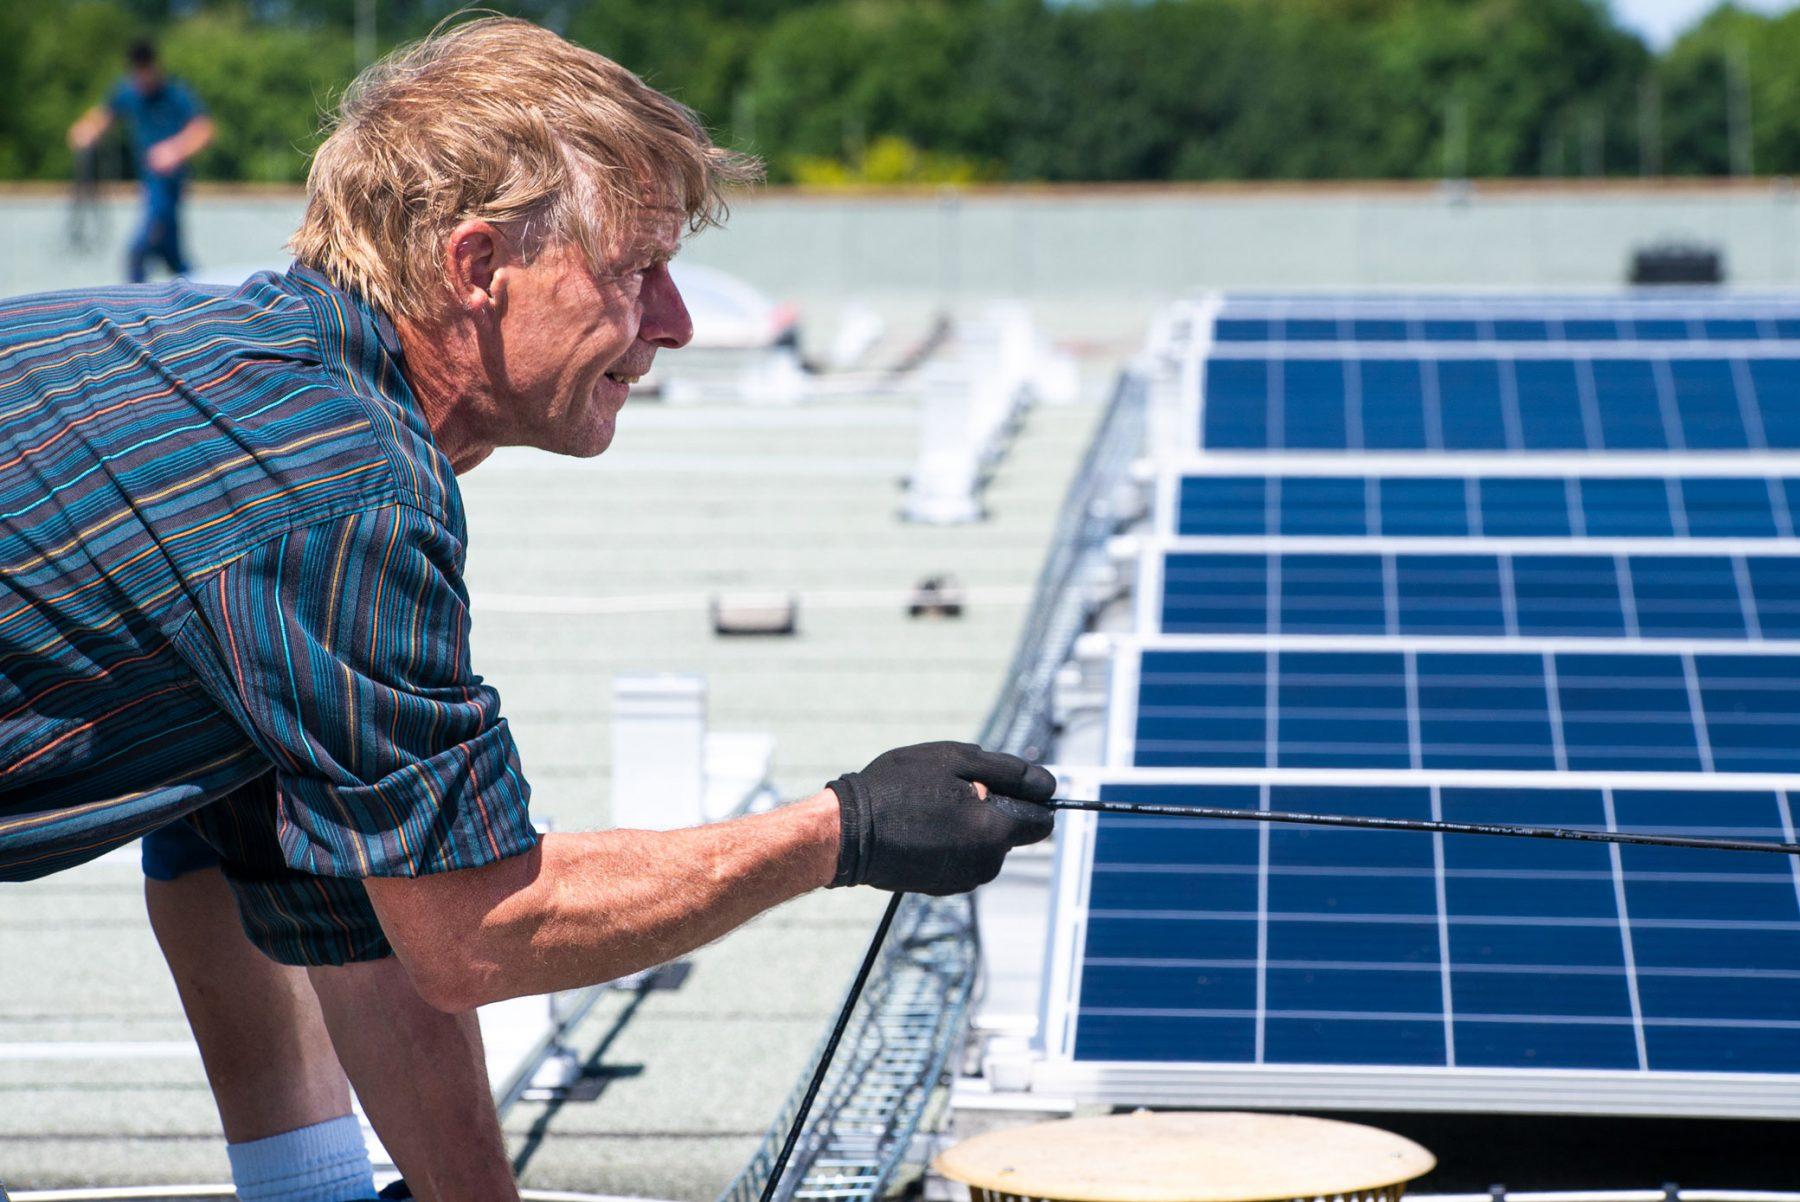 Kabelverlegung bei einer Photovoltaik-Anlage